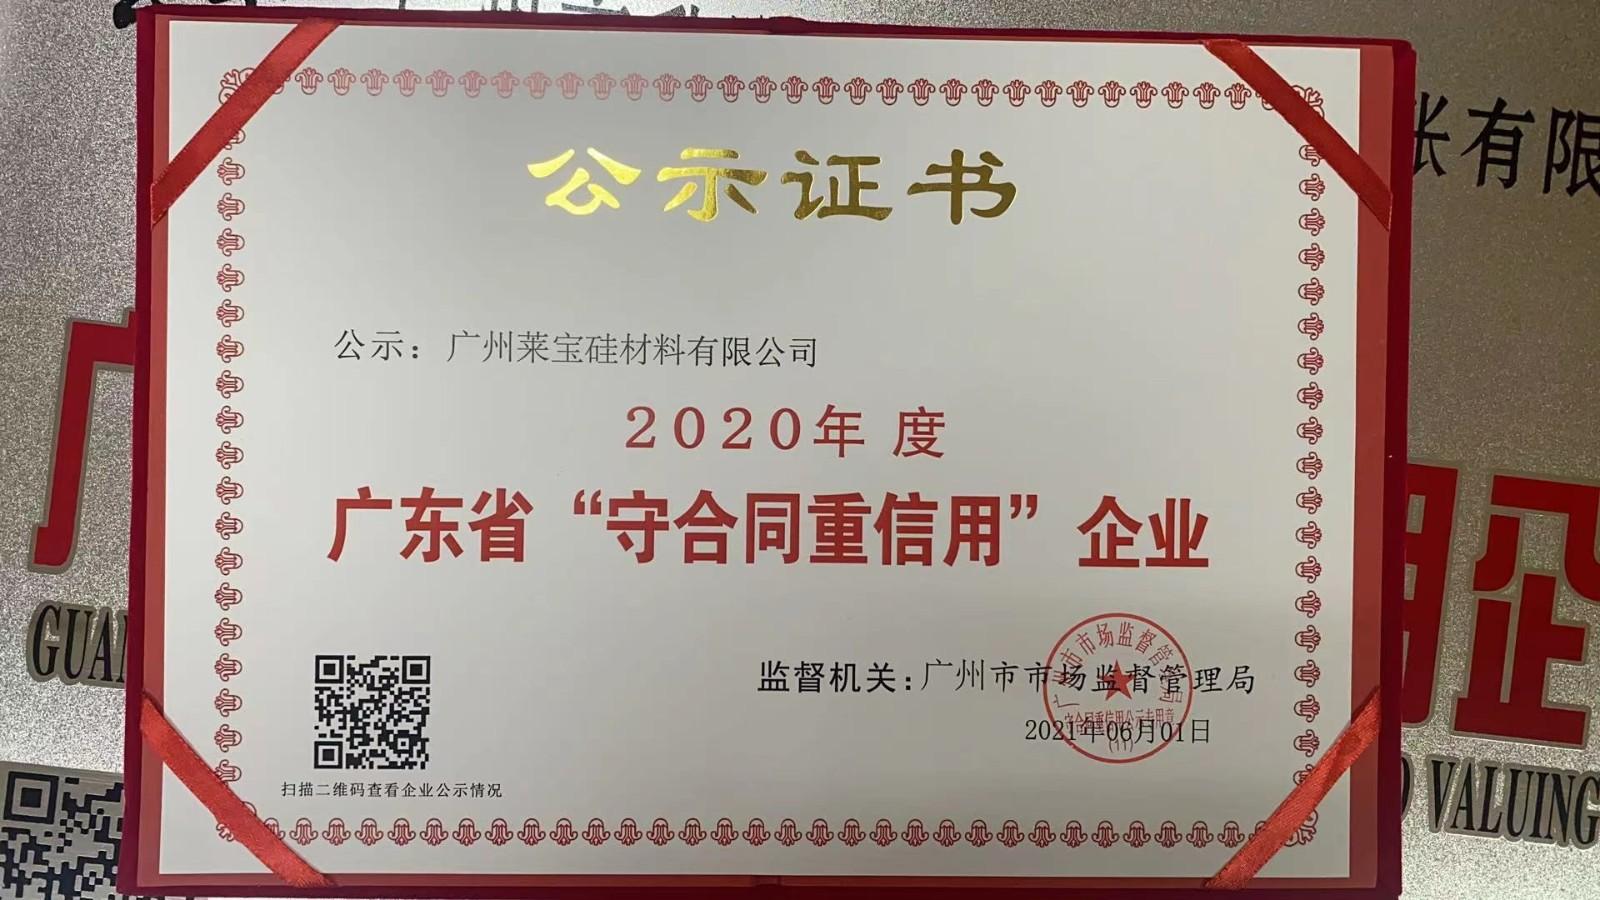 """广州莱宝获得""""广东省守合同重信用企业""""殊荣"""